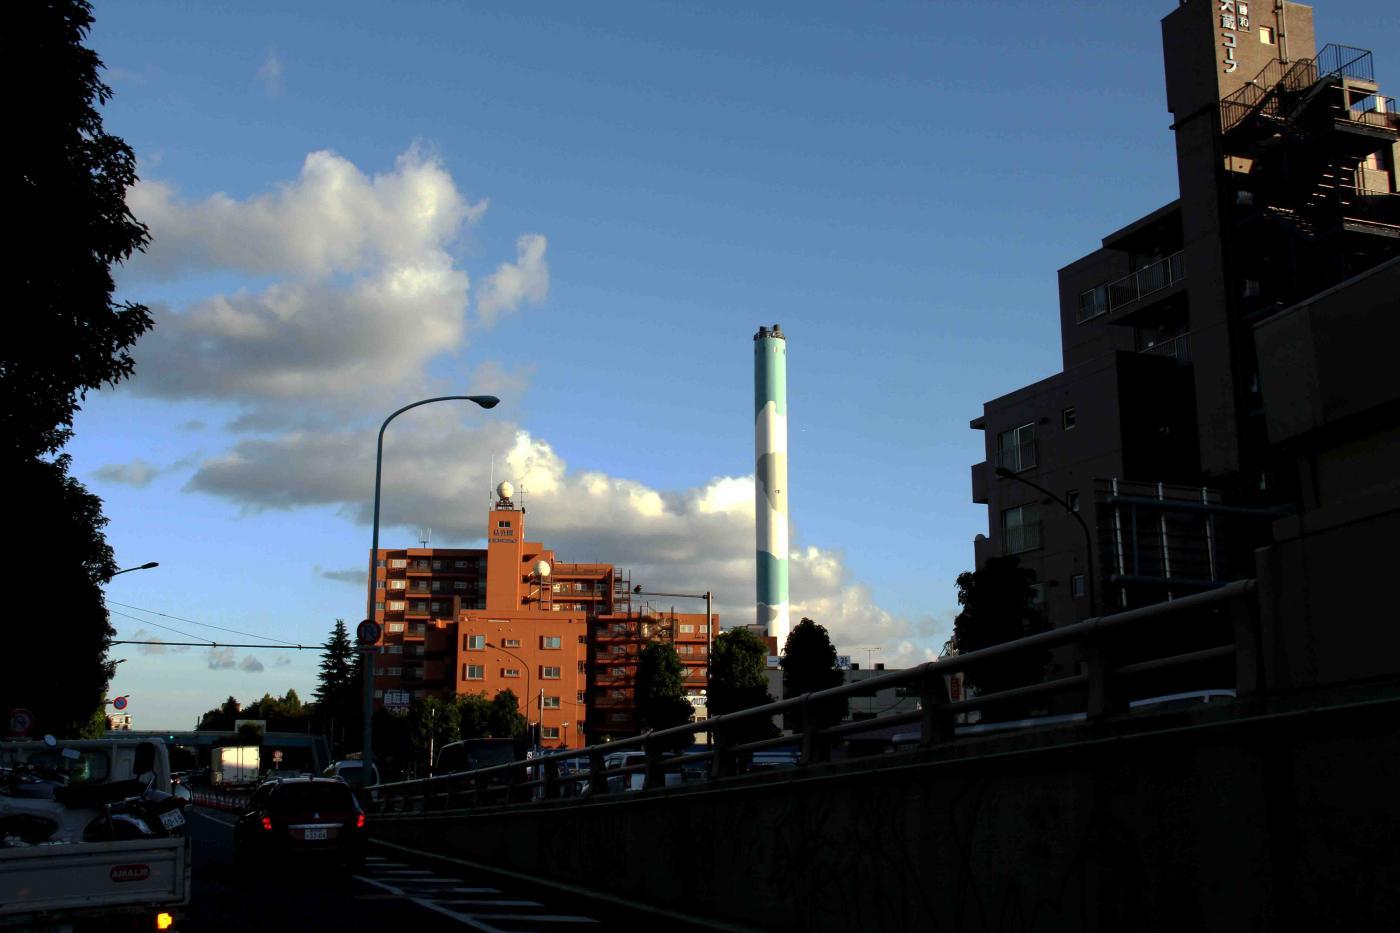 環八雲 20120819(15) 17時48分 世田谷通り付近から南方面